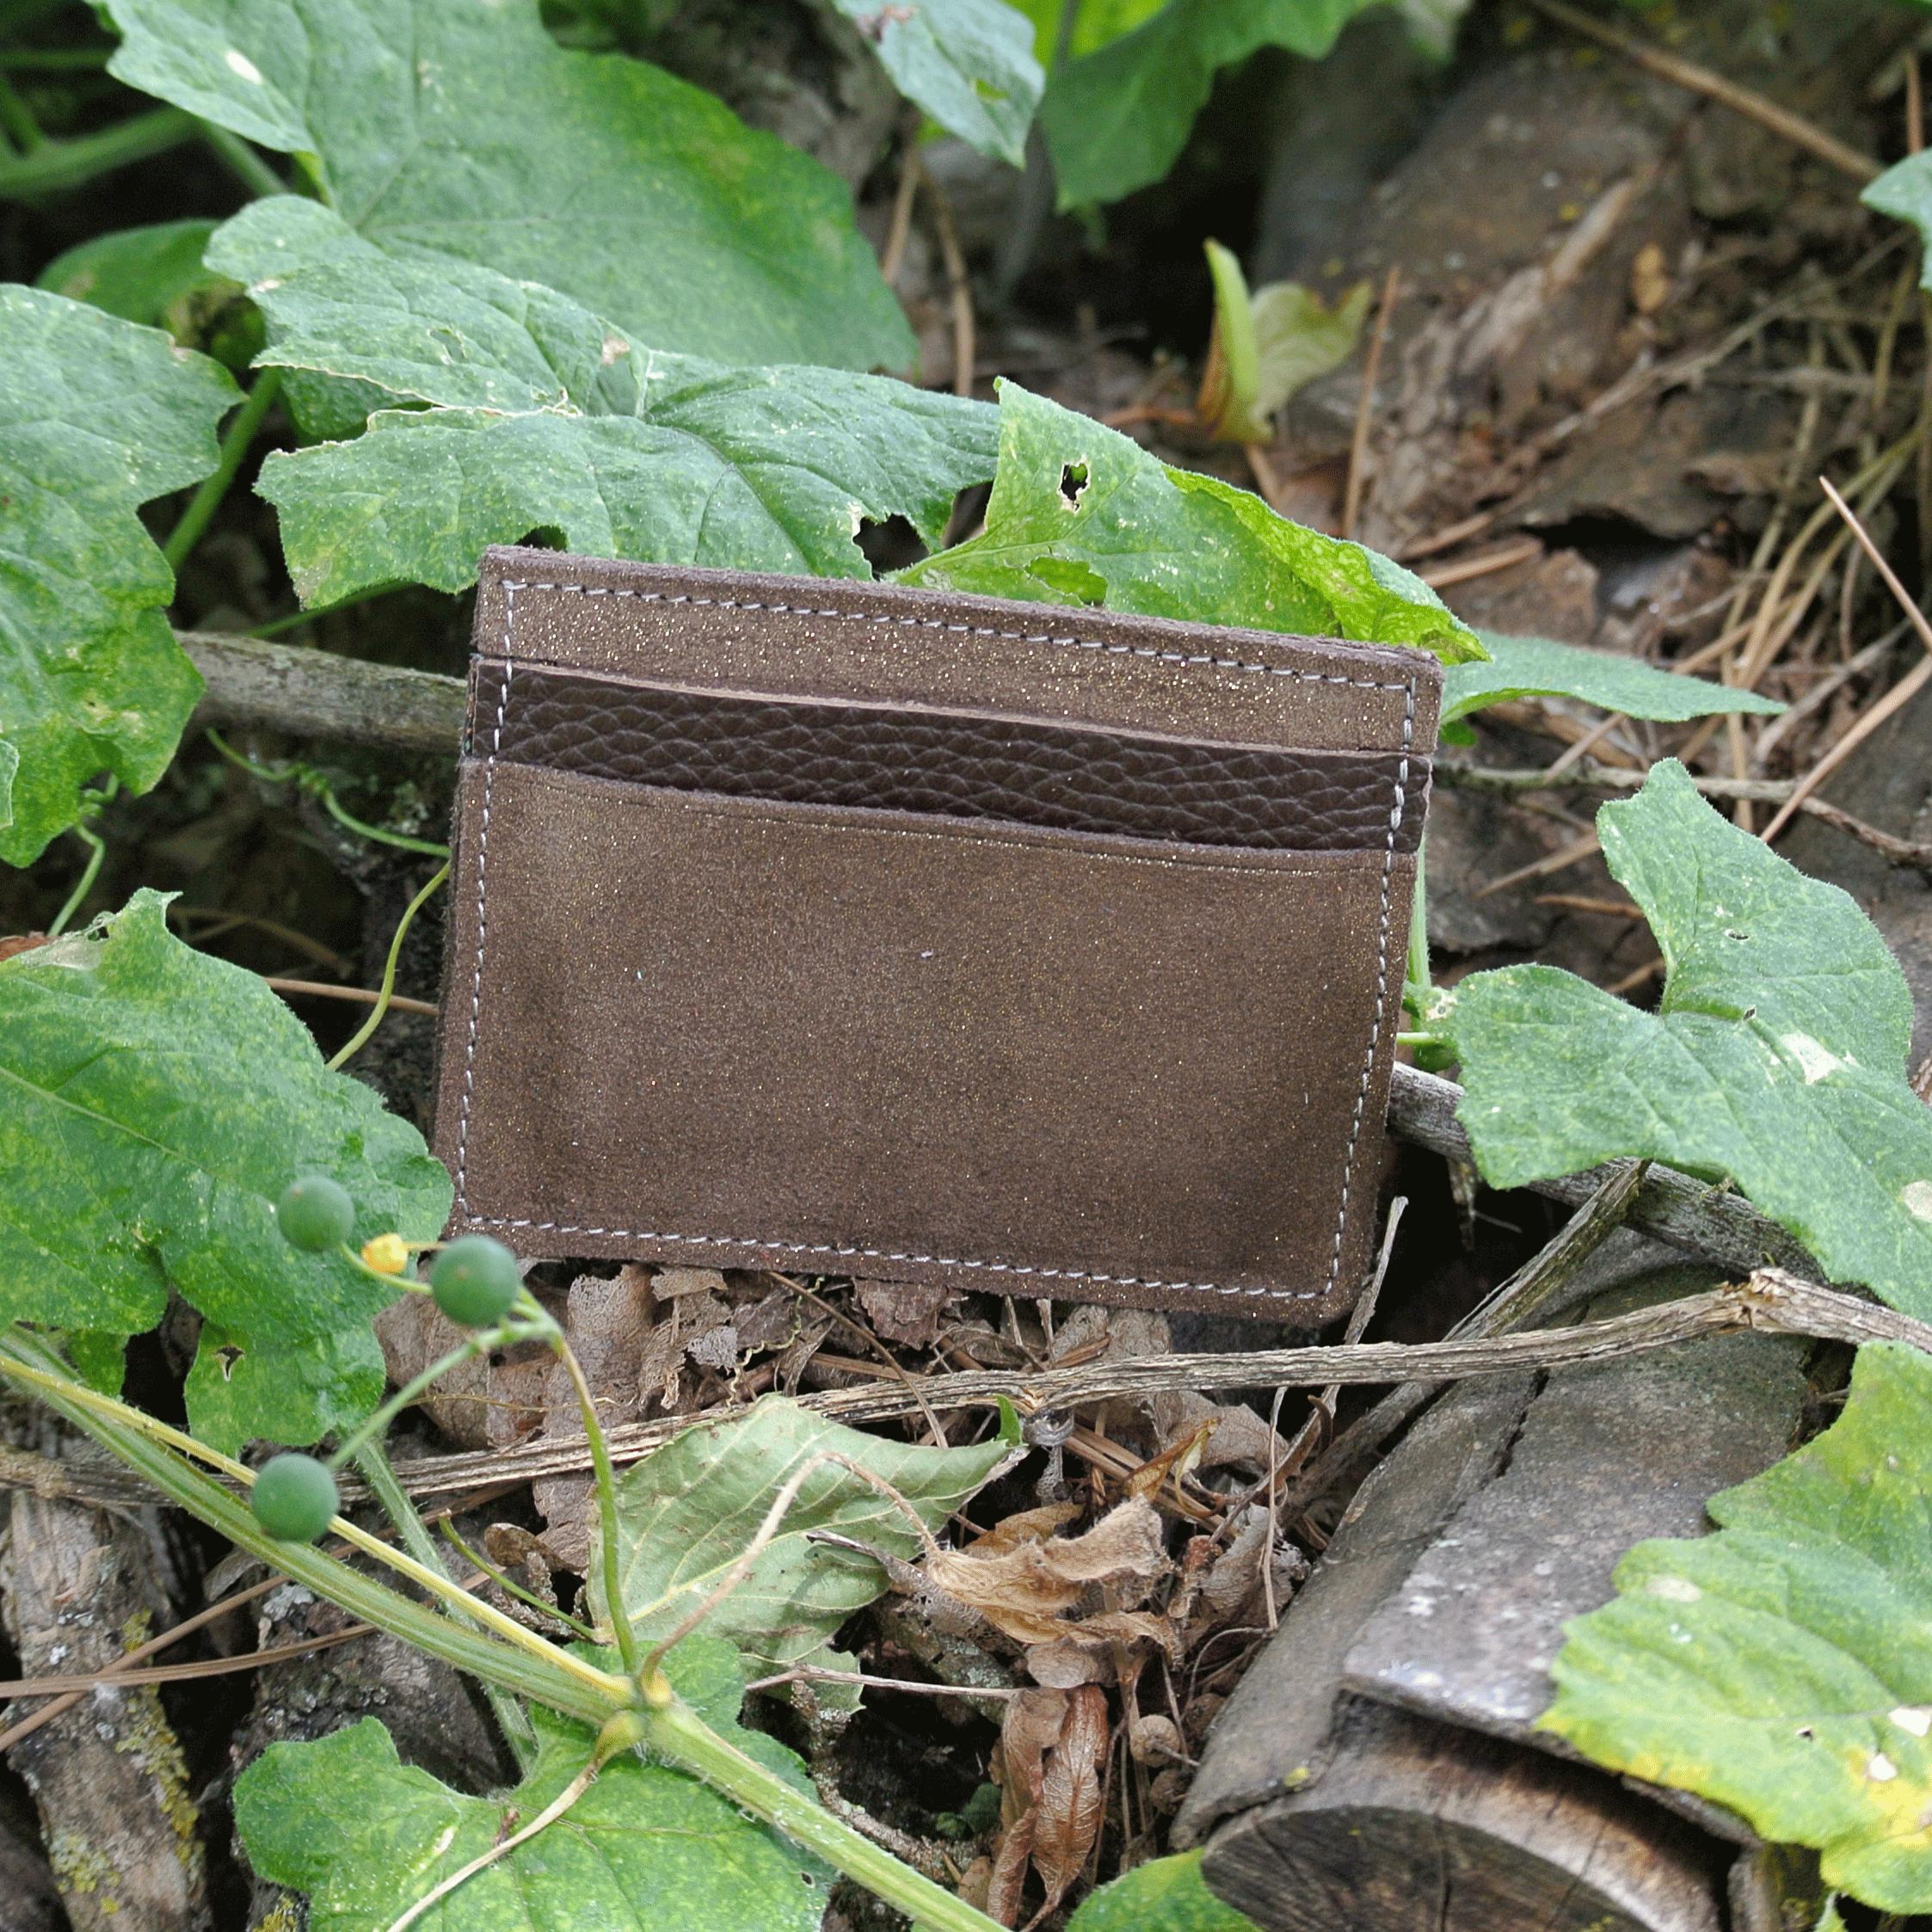 cuirs-pailletés-cuirs-fantaisies-fabriqué-en-france-la-cartabliere-etui-carte-triple-cuir-paillete-acajou-dore